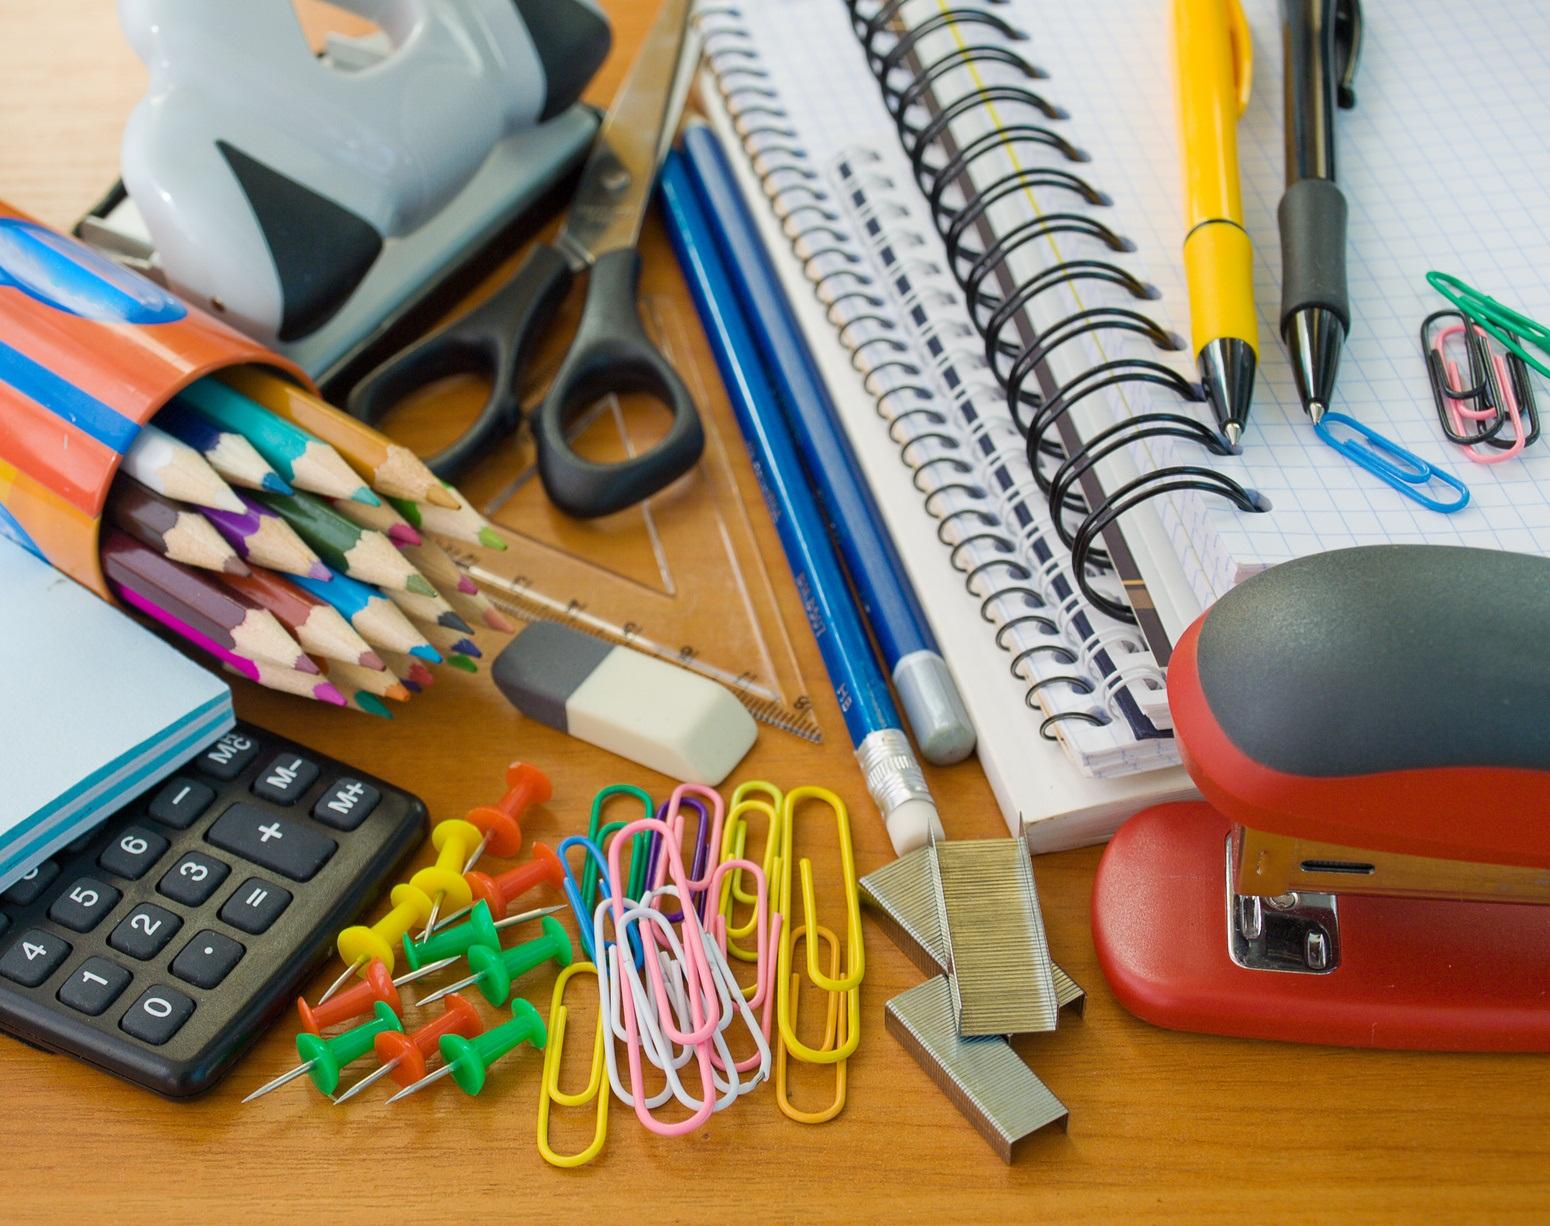 картинка канцтовары для школы и офиса вот так